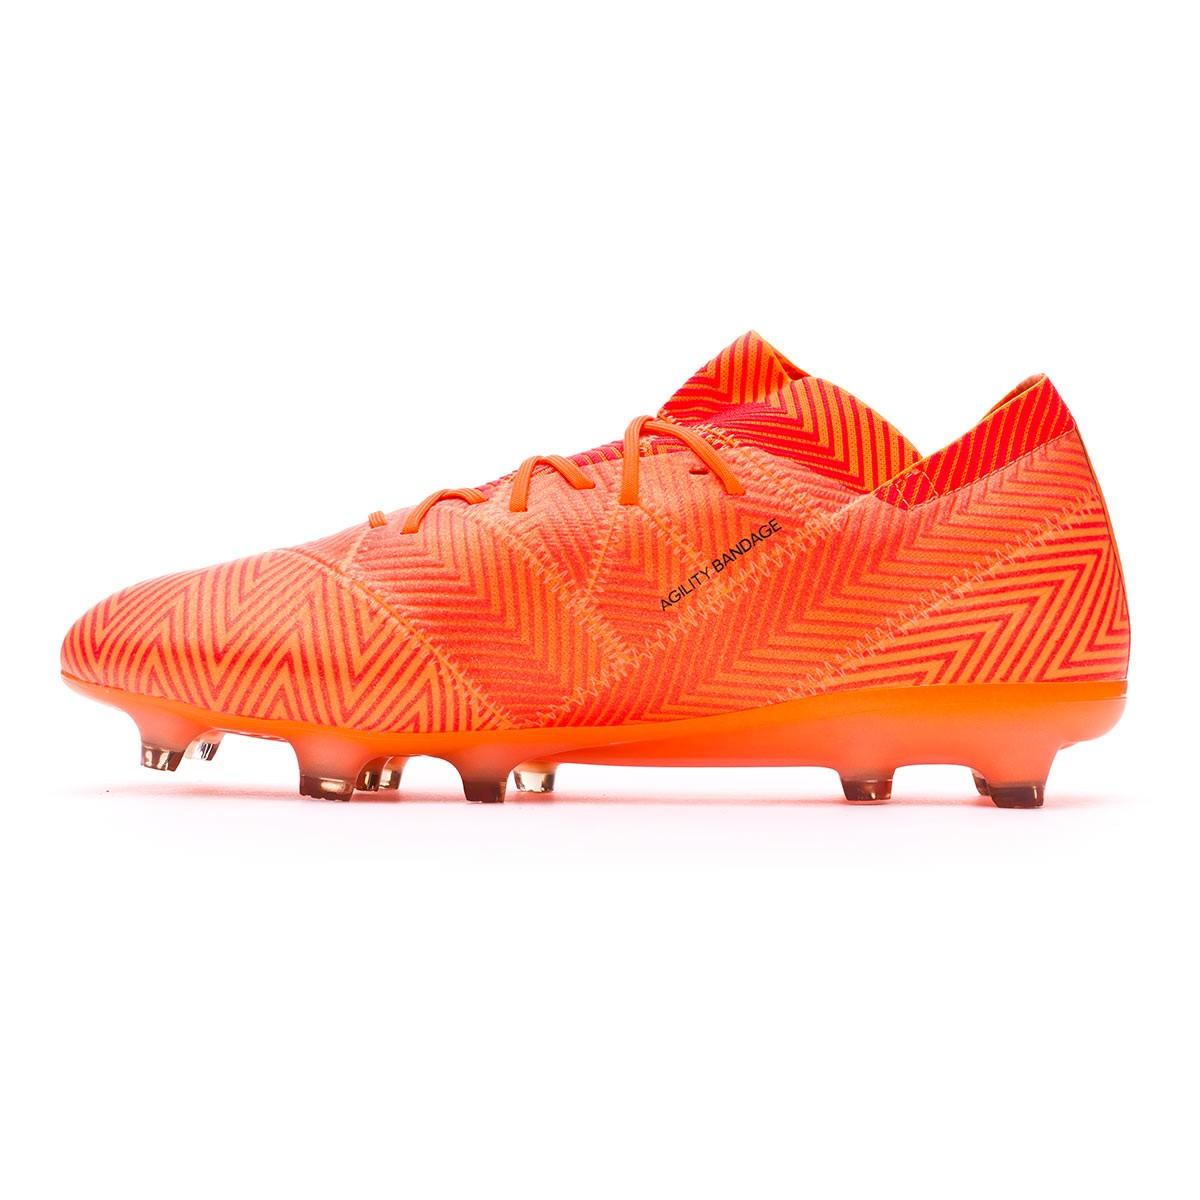 1dcc55cc7a85 Football Boots adidas Nemeziz 18.1 FG Zest-Black-Solar red - Football store  Fútbol Emotion